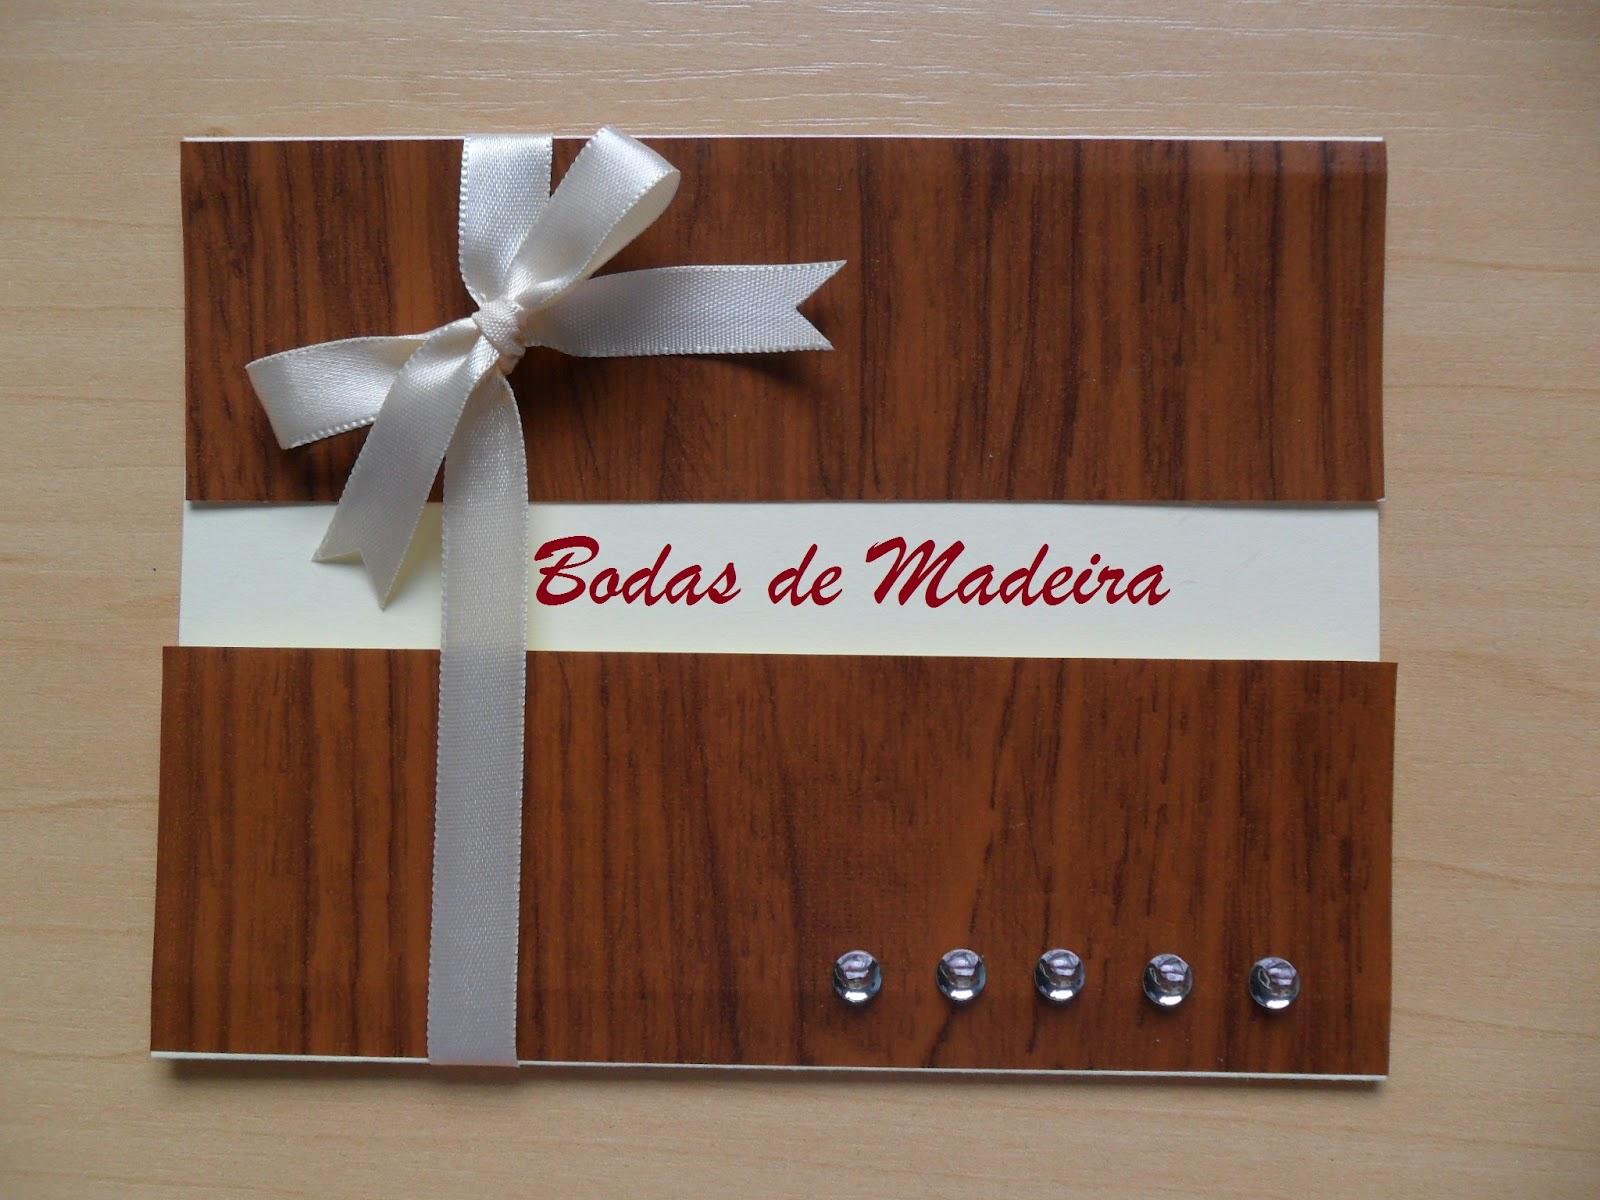 Pin Bolo Bodas De Prata R $ 26 00 A 38 Kilo Bolos Festa on Pinterest #61301C 1600x1200